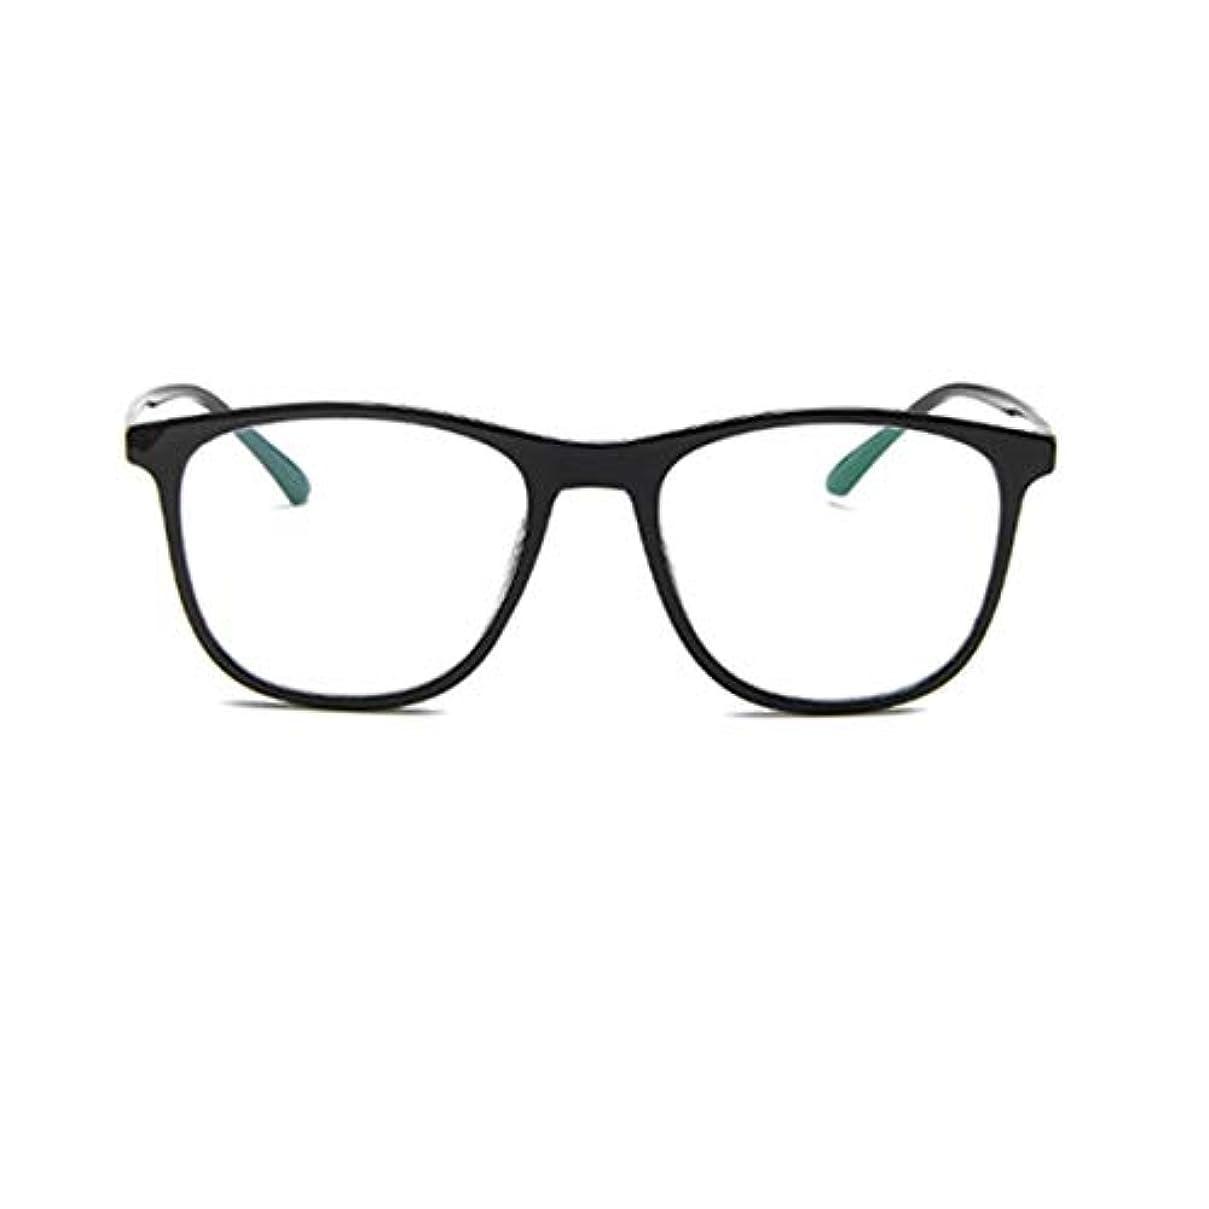 スキャンダラスレッドデートロール韓国の学生のプレーンメガネの男性と女性のファッションメガネフレーム近視メガネフレームファッショナブルなシンプルなメガネ-ブライトブラック